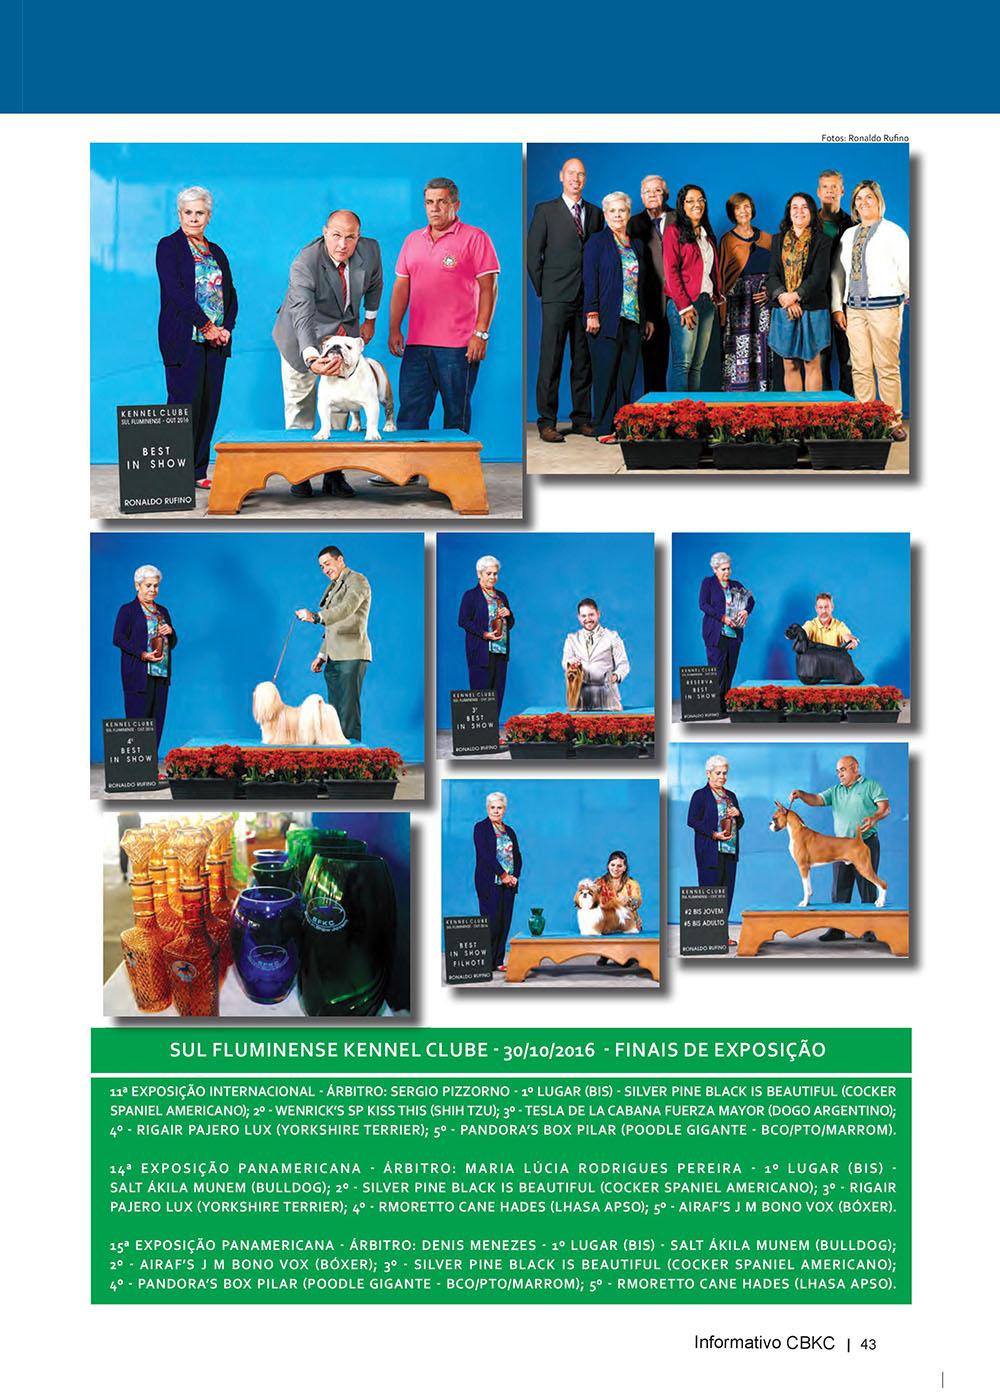 Pagina 43  Edição 53 do Informativo CBKC